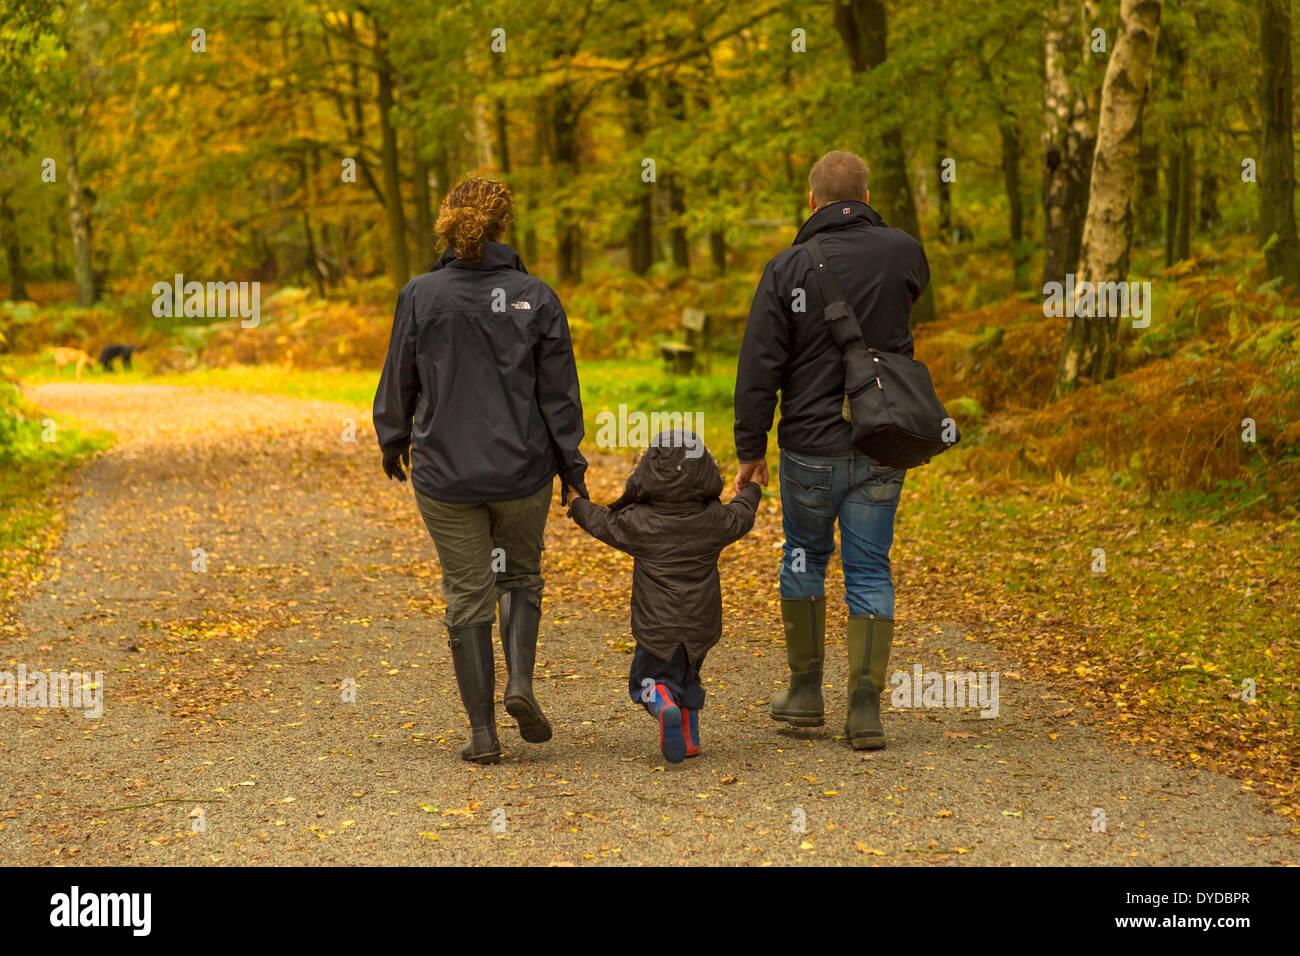 Ein Junge geht durch den Wald, seine Eltern Händchenhalten. Stockfoto